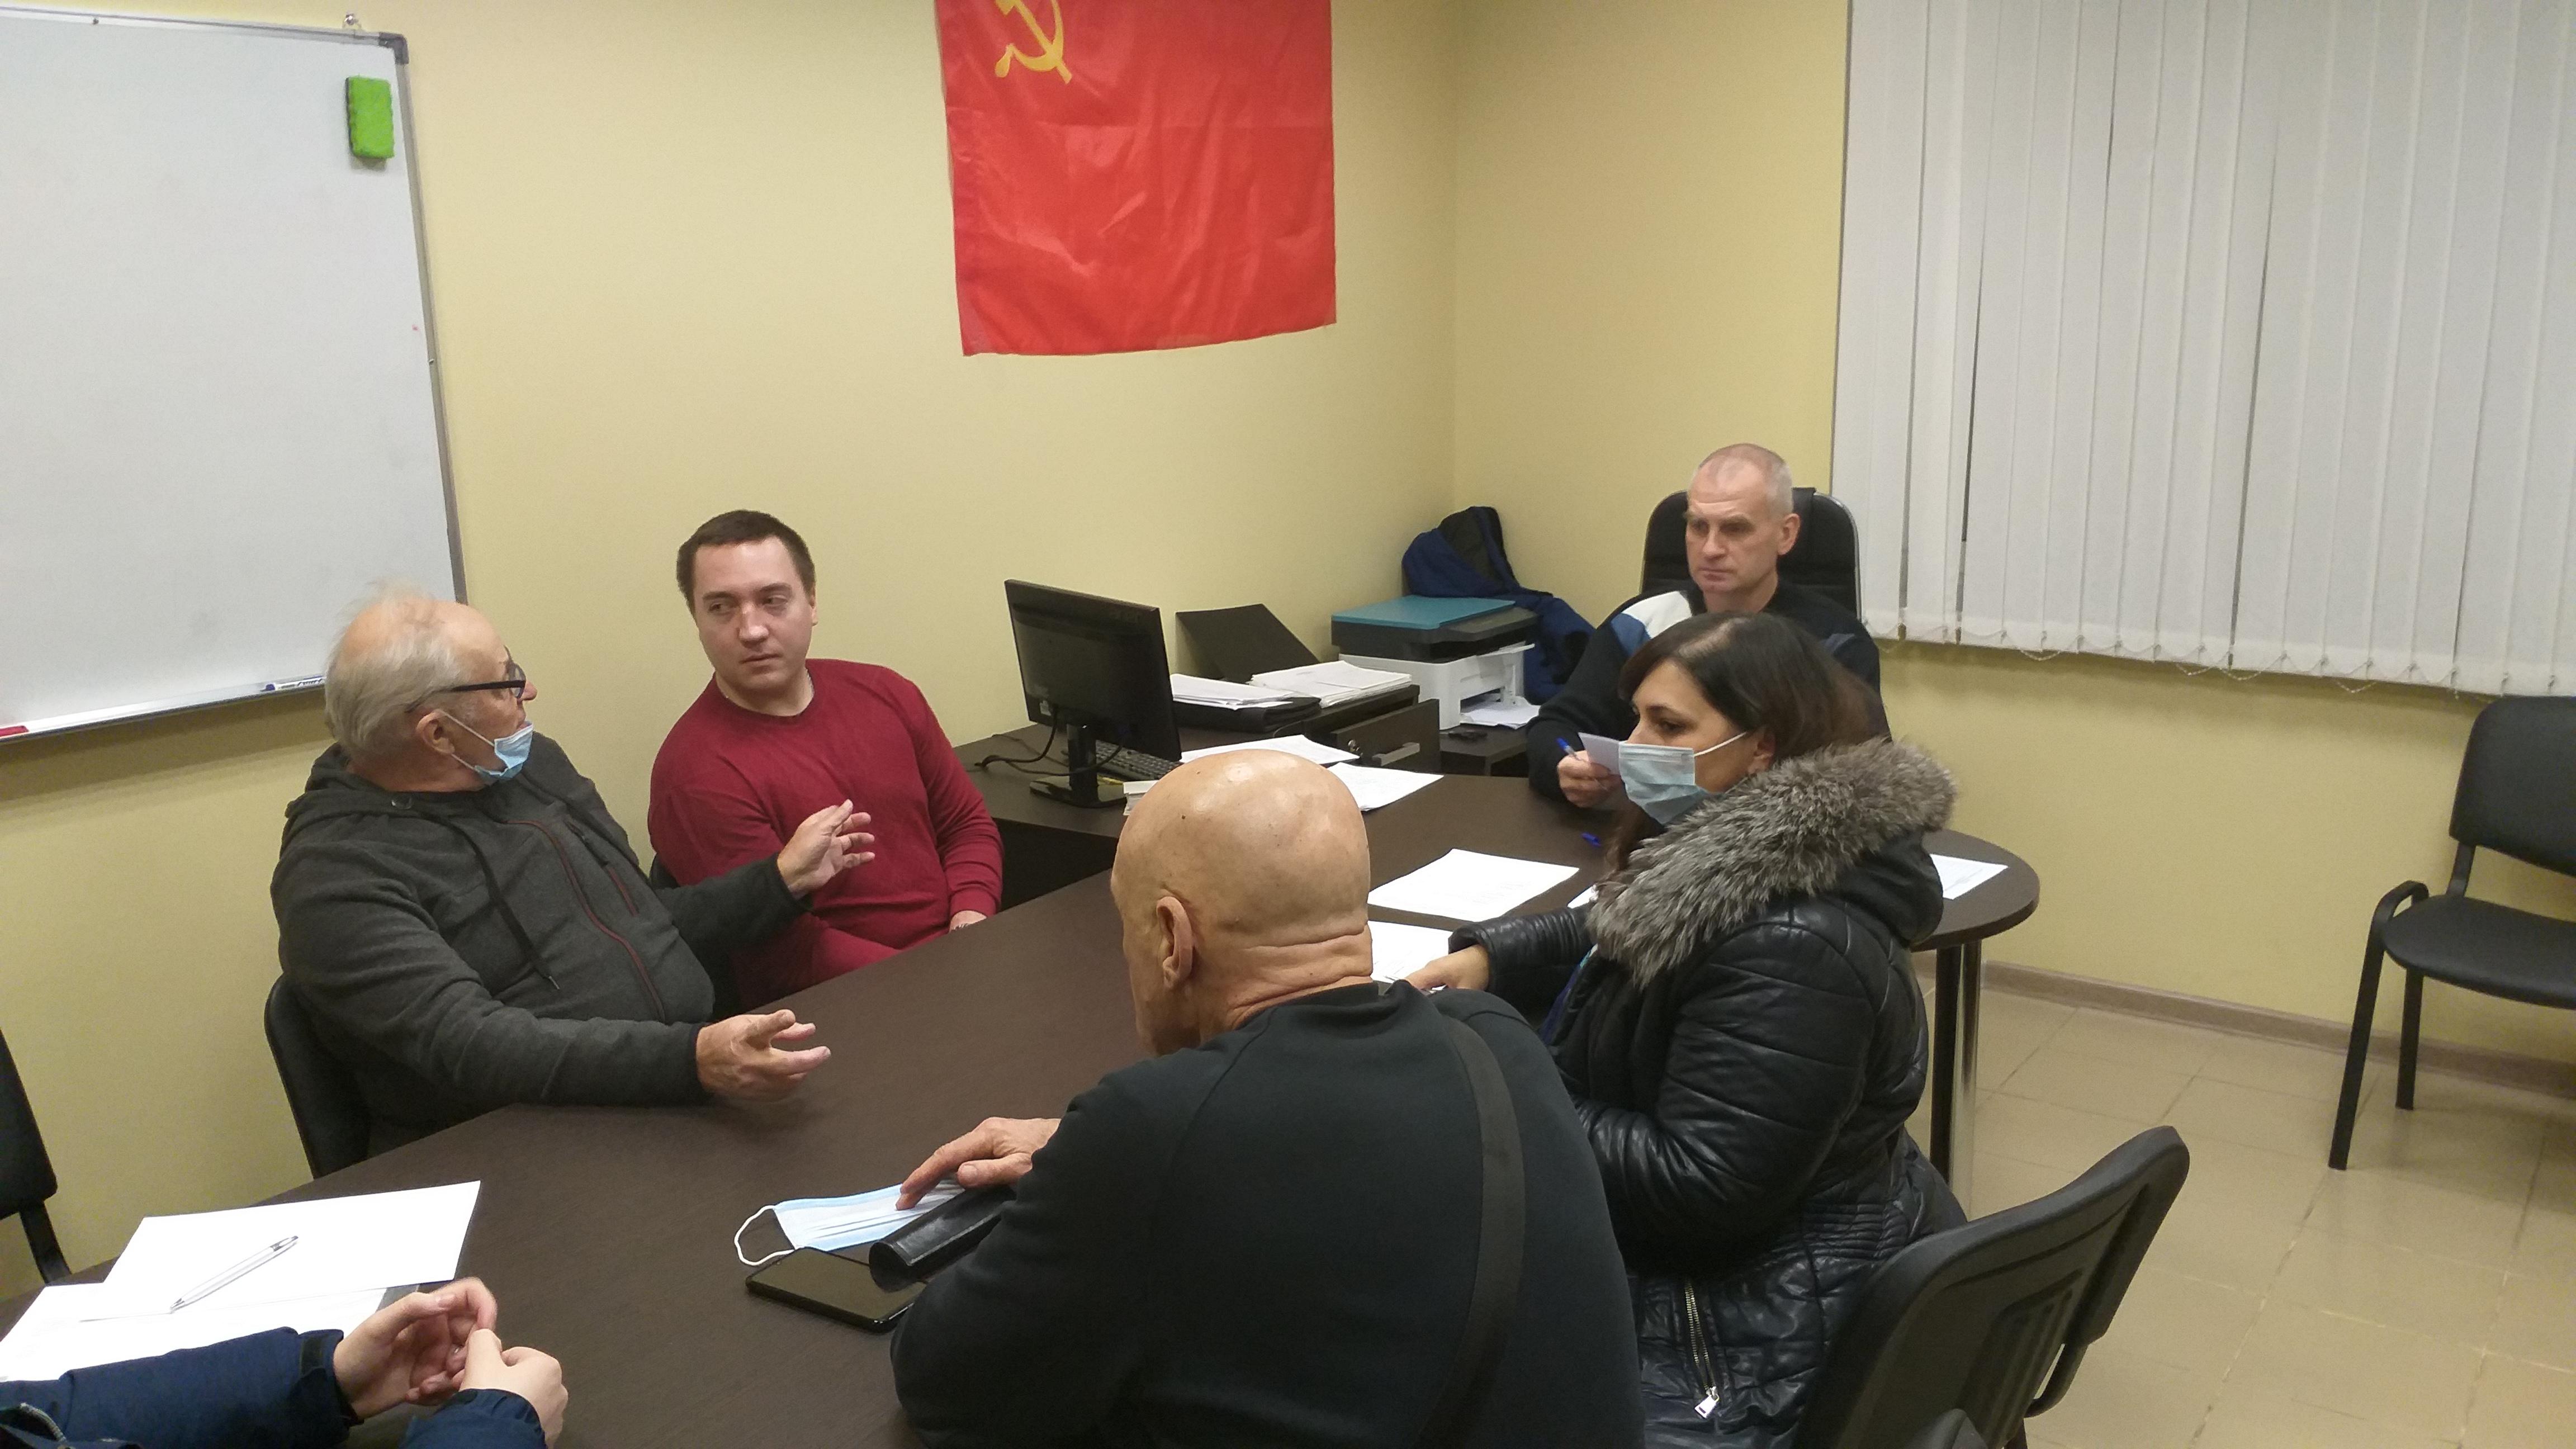 29 ноября состоялось общее отчетно-выборное Собрание Красноперекопского районного отделения КПРФ